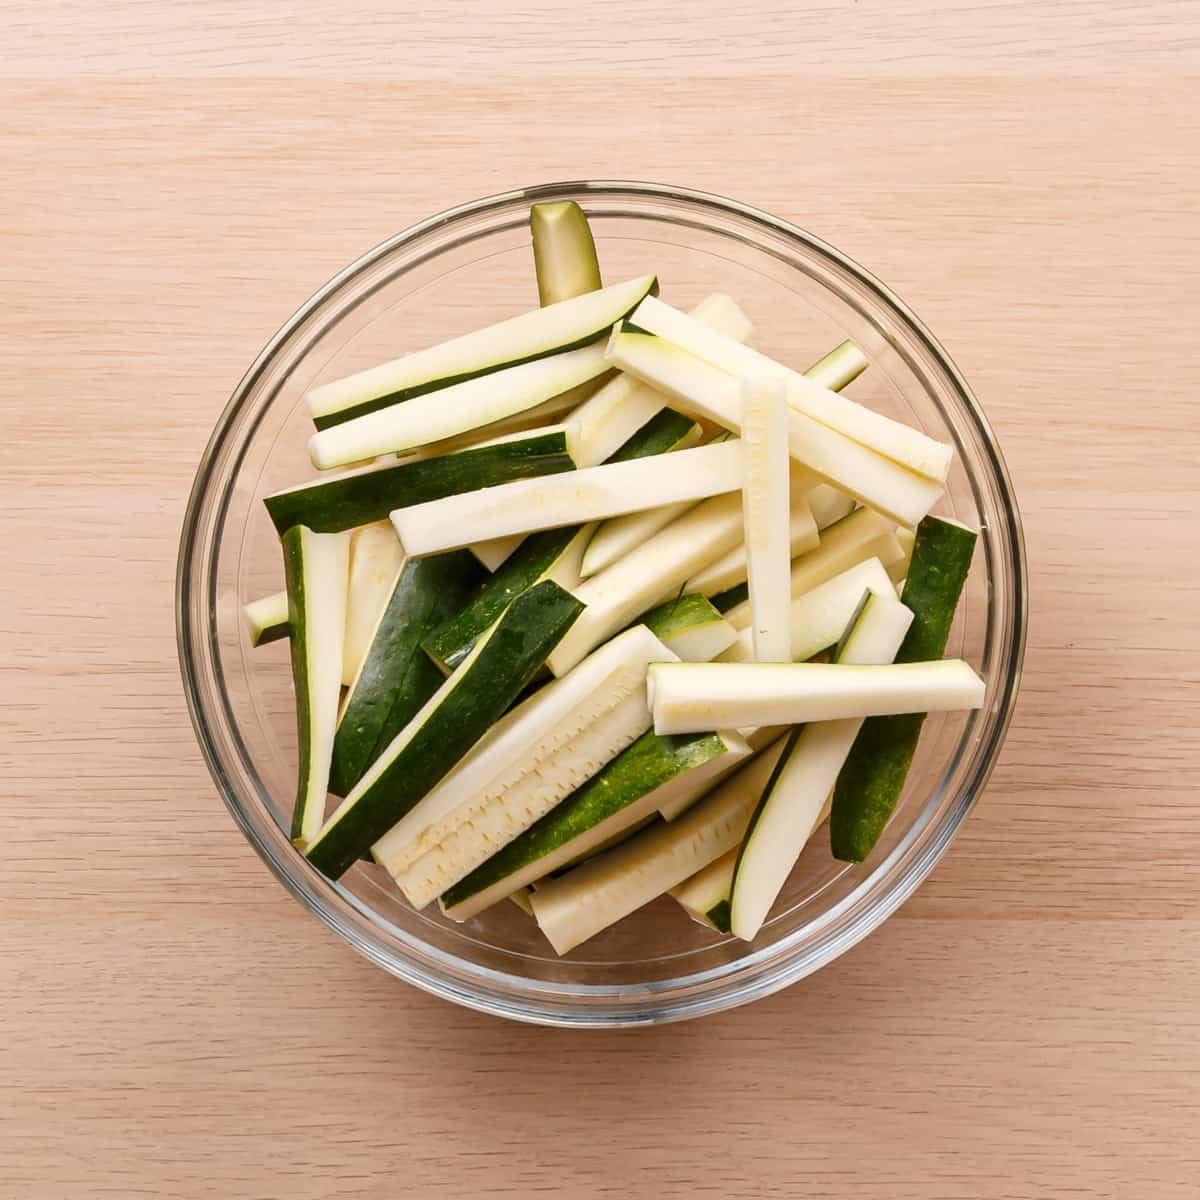 zucchini in air fryer